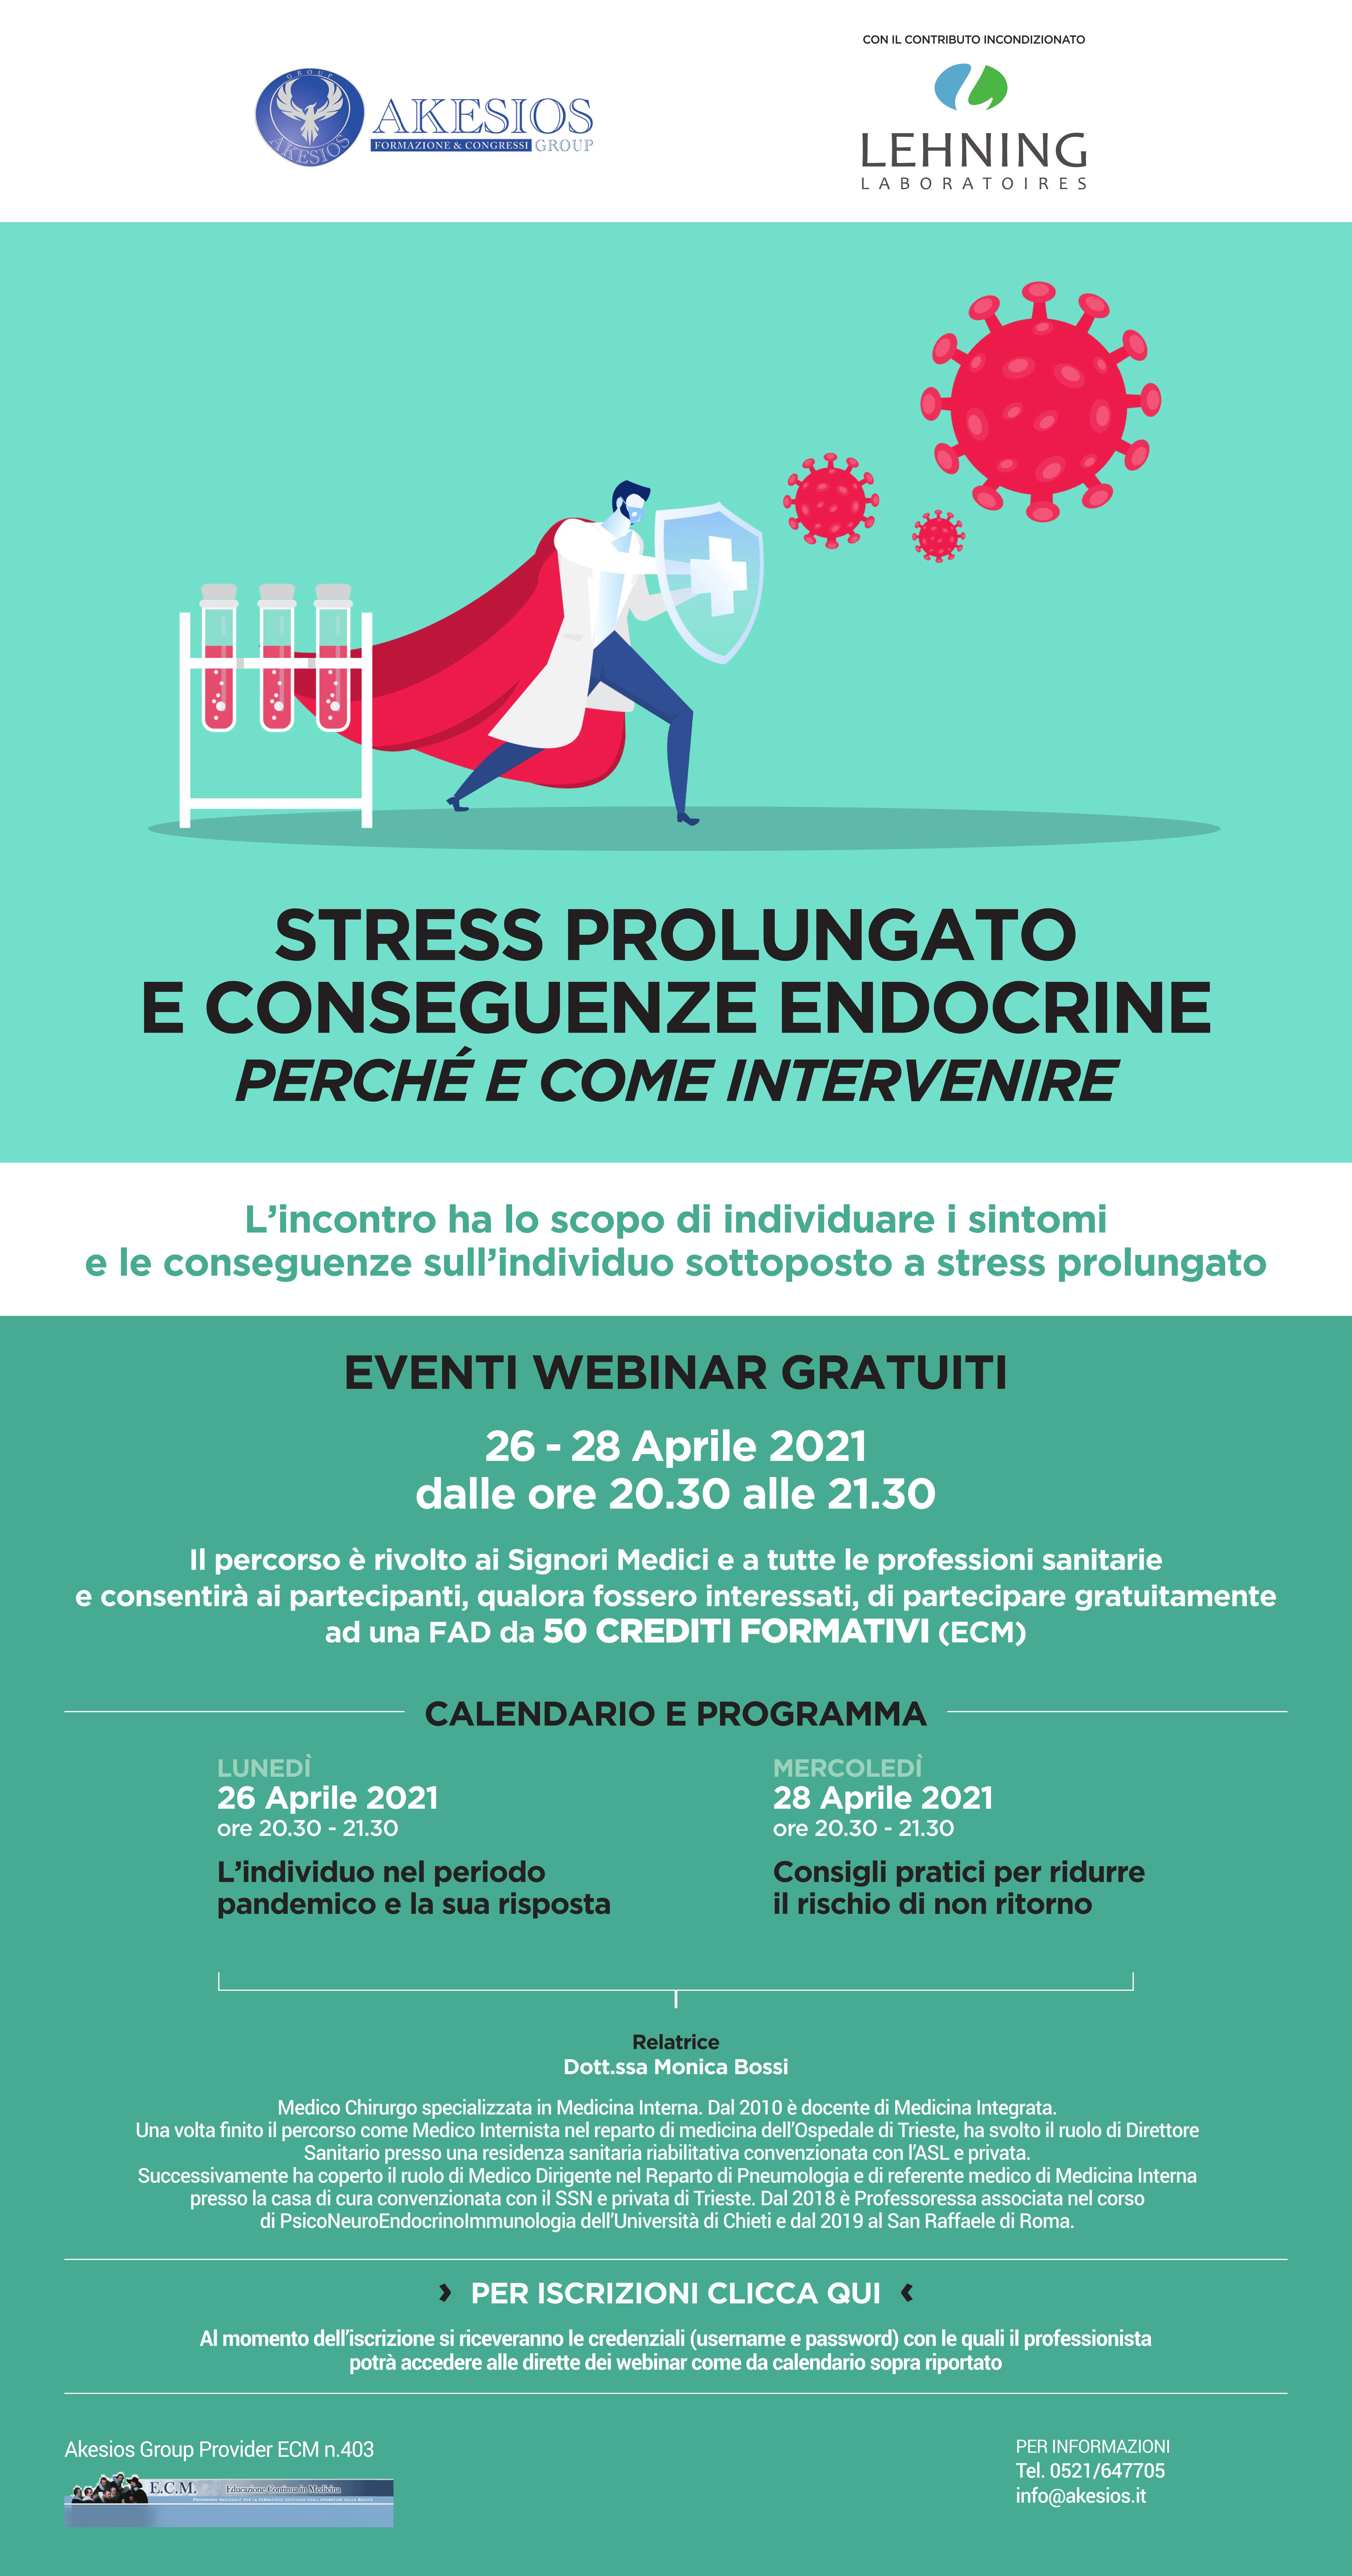 STRESS PROLUNGATO E CONSEGUENZE ENDOCRINE. PERCHE' E COME INTERVENIRE